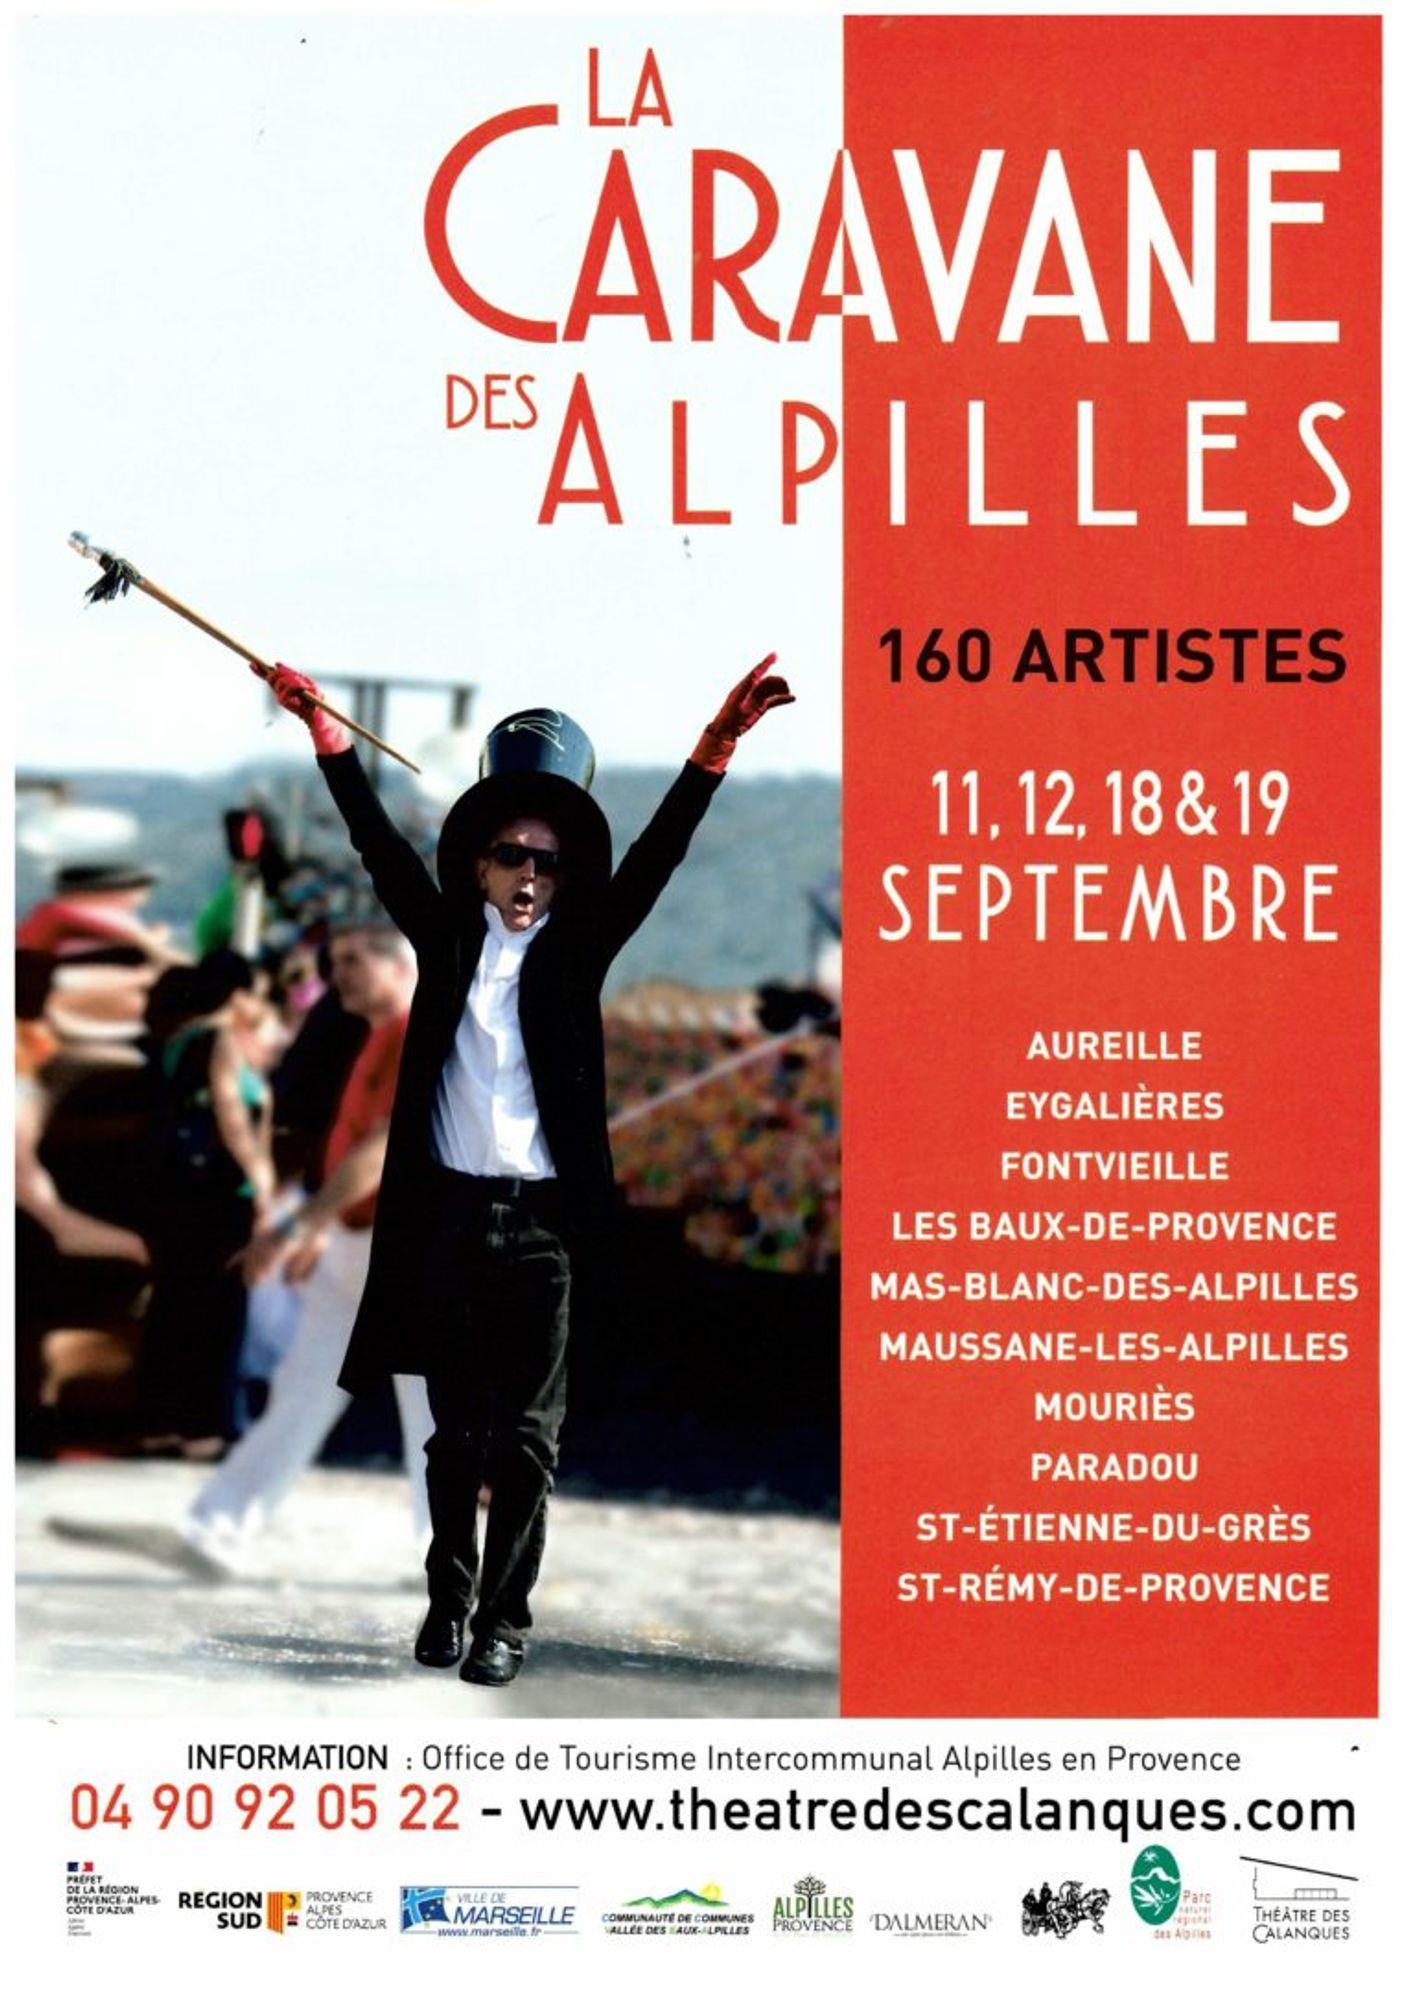 [ CULTURE/LOISIR ] SAVE THE DATE ! LA CARAVANE DES ALPILLES DU 11 AU 12 SEPTEMBRE